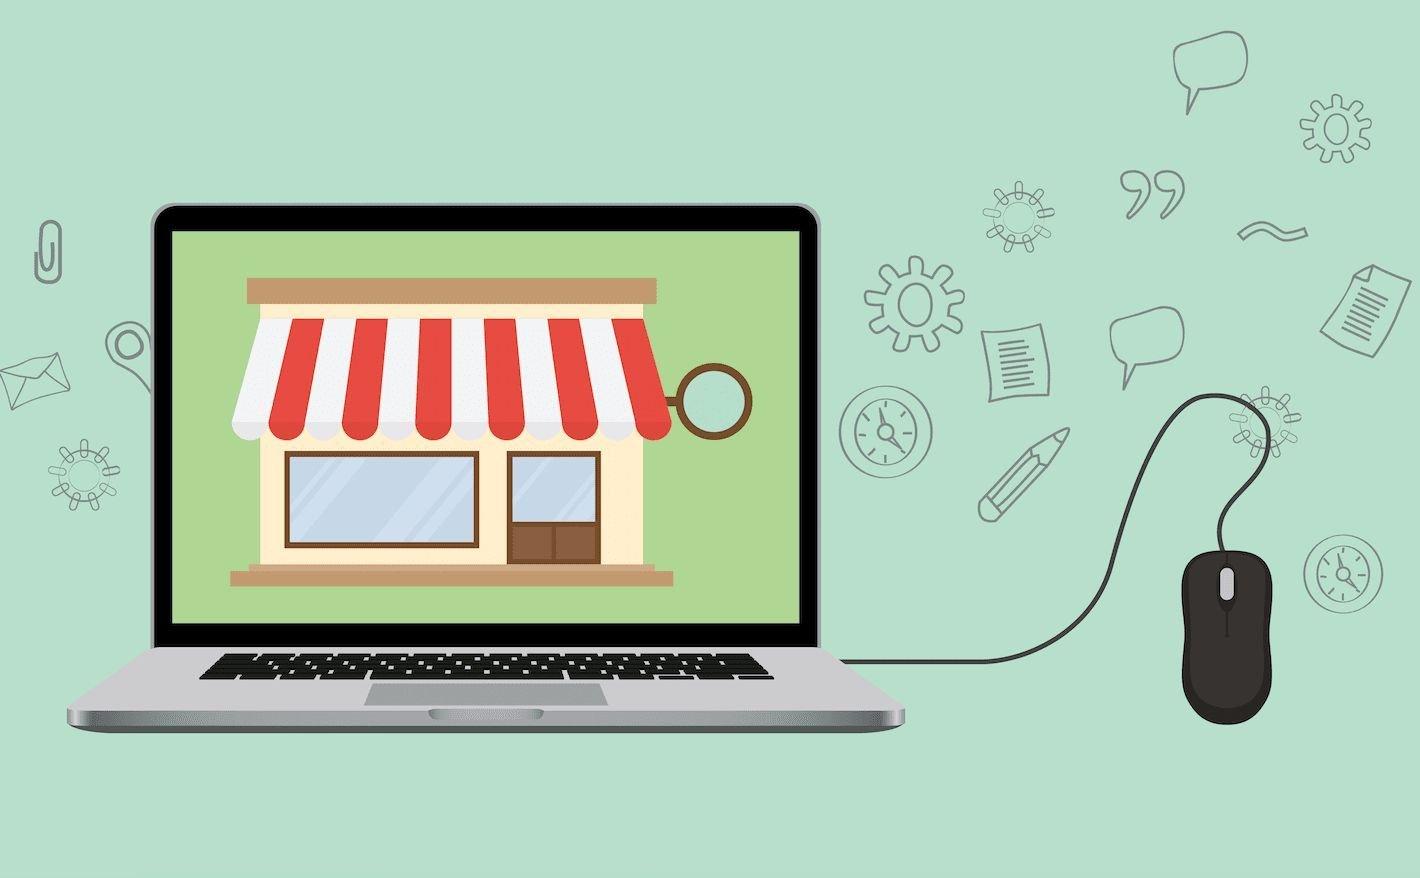 راهاندازی کسب و کار آنلاین